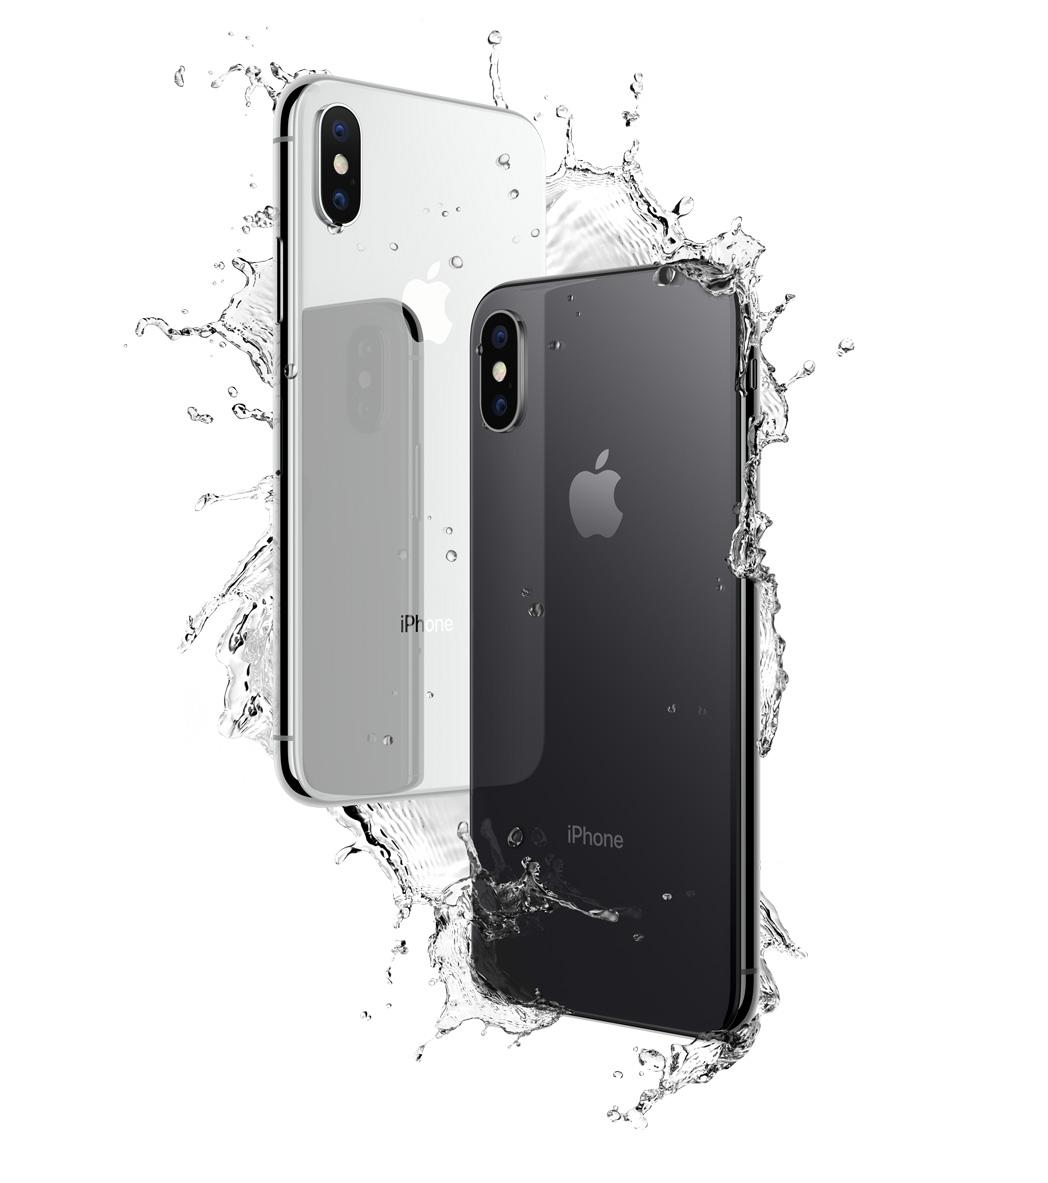 تعمیر گوشی آیفون XS آب خورده | گارانتی اپل